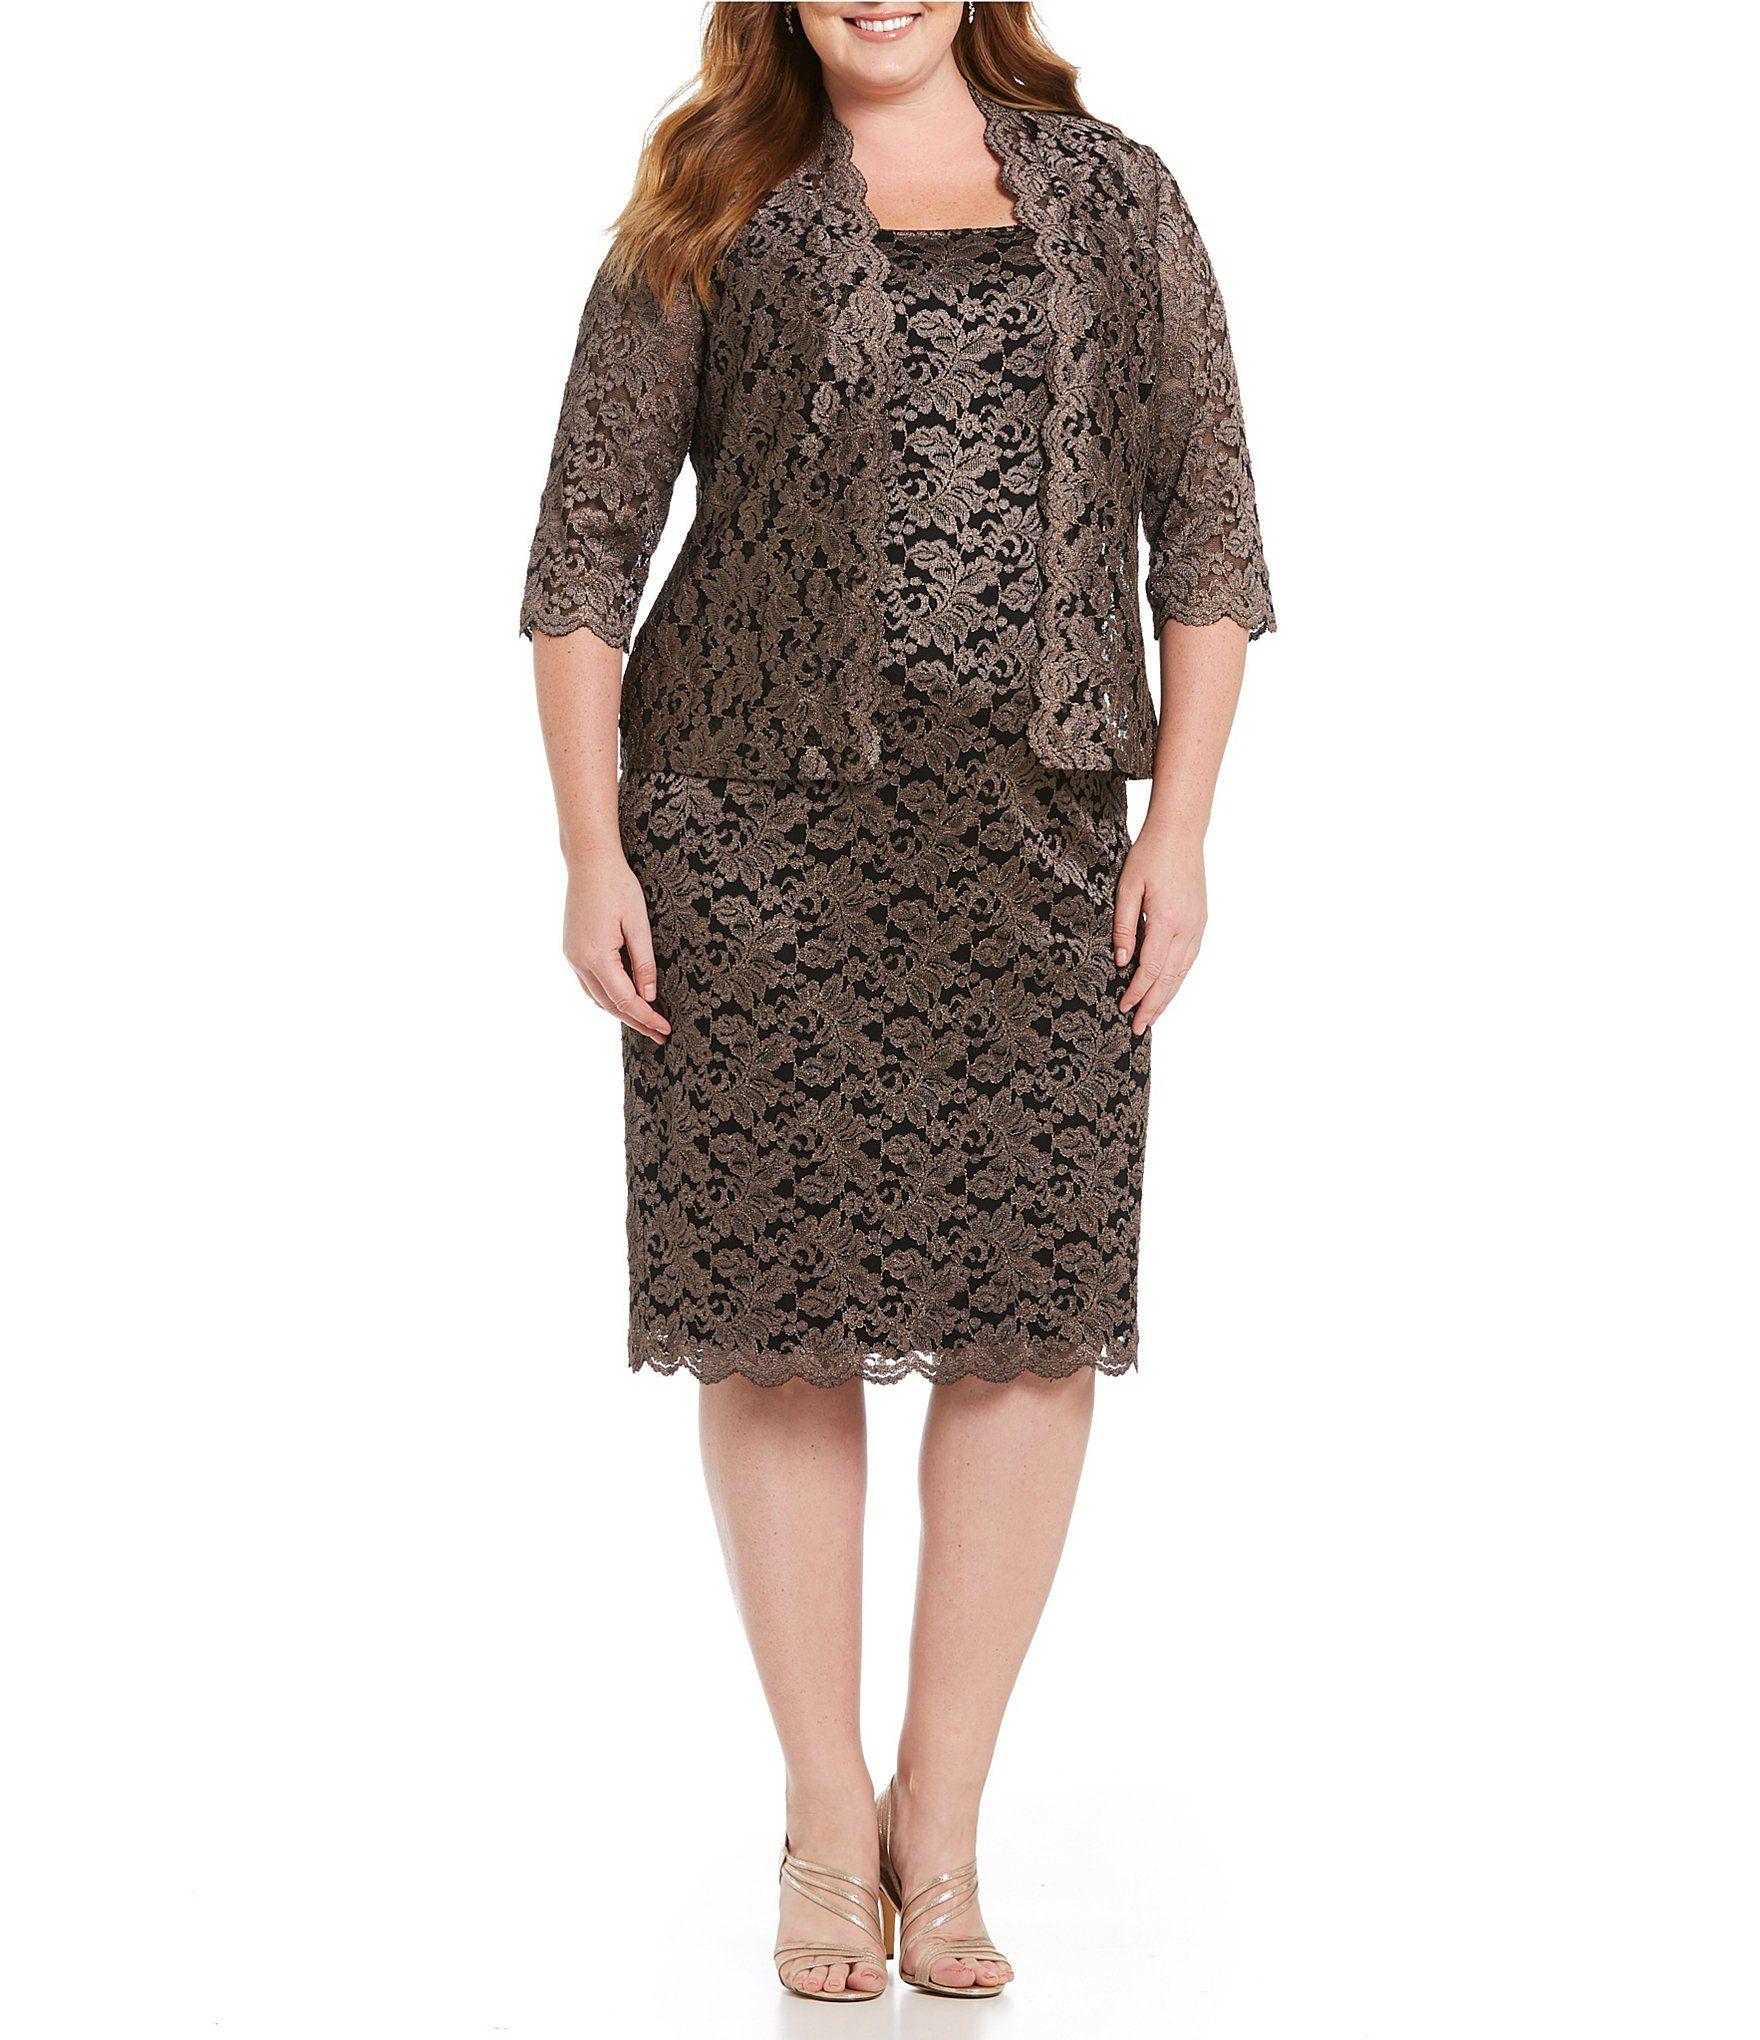 b6e509f535 Shop for Alex Evenings Plus Metallic Lace 2-Piece Jacket Dress at ...